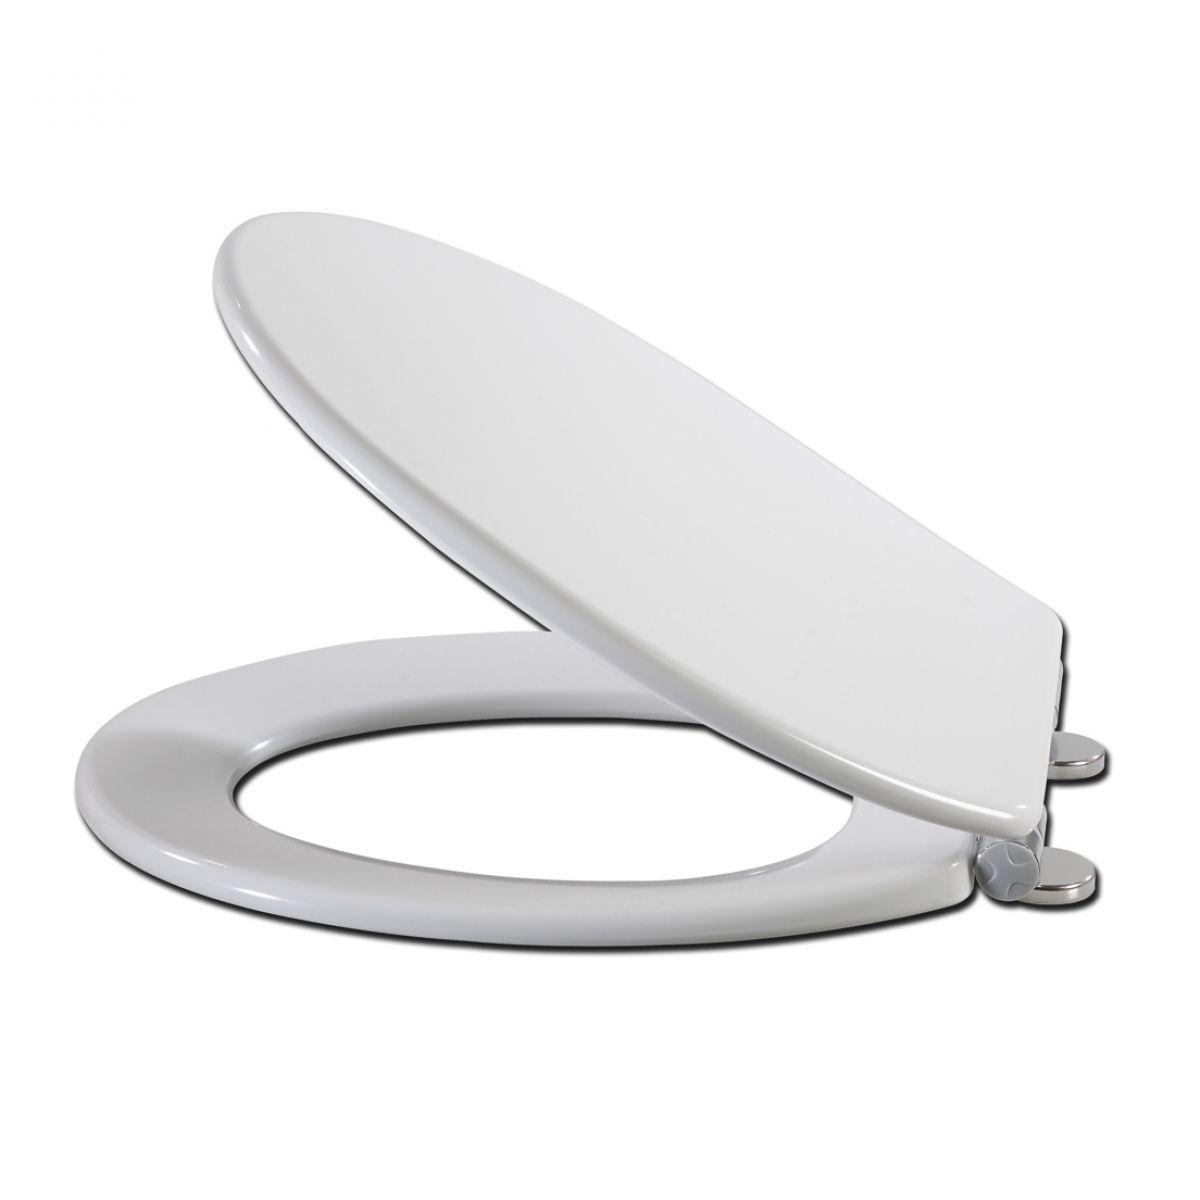 roper rhodes elite soft close toilet seat uk bathrooms. Black Bedroom Furniture Sets. Home Design Ideas